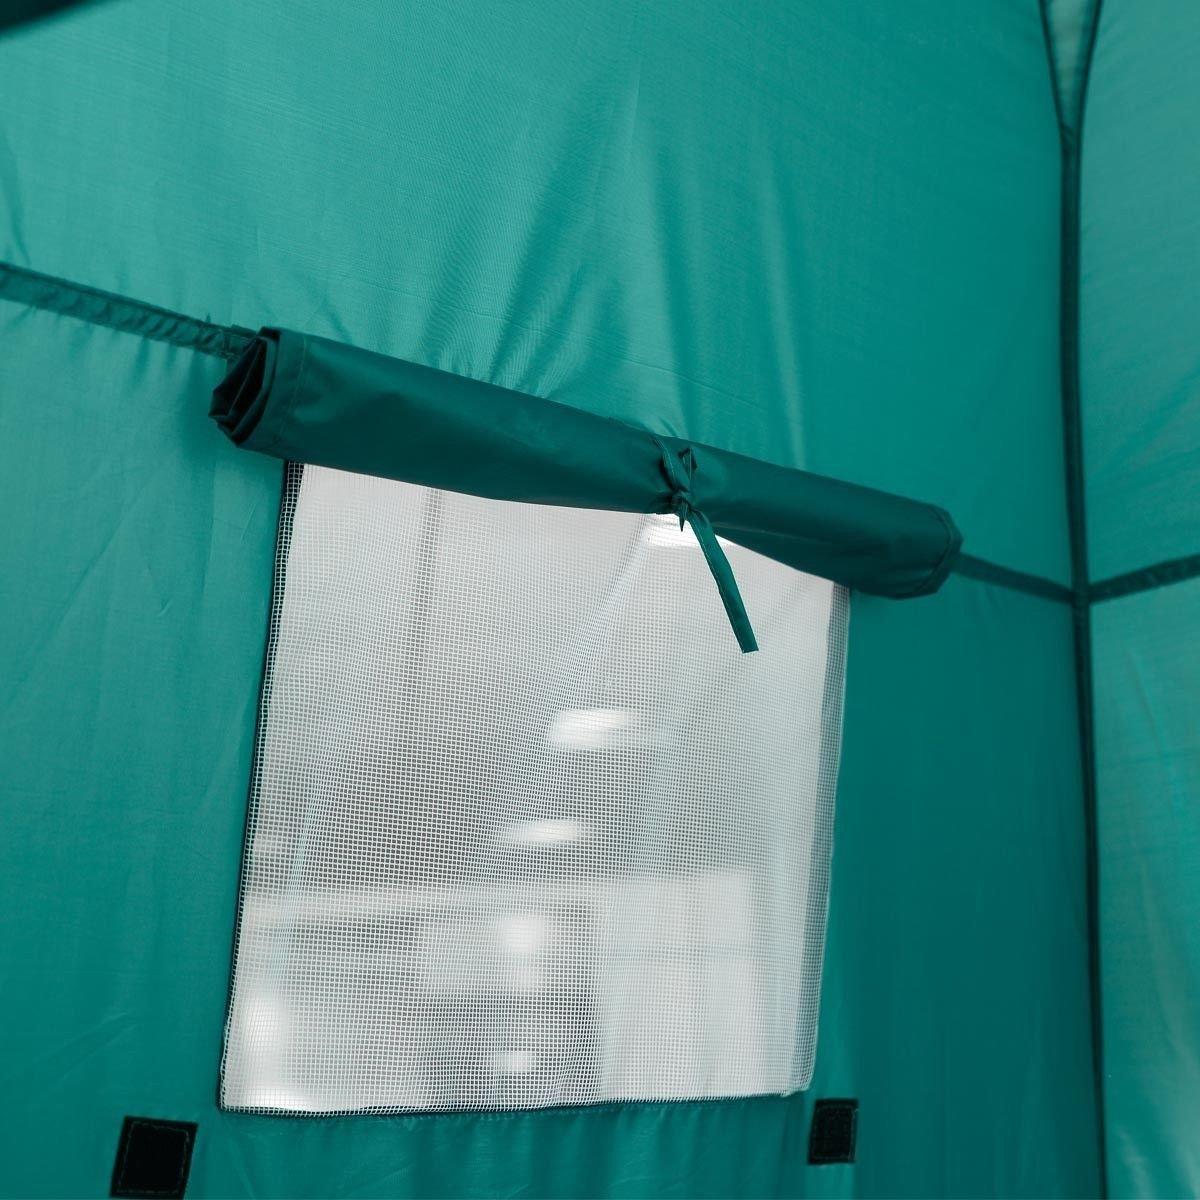 Generic NV_1008000885_YC-US2 GreenFis Toilet Changing Bathi Portable Pop ilet Tent Camping ing T UP Fishing & Bathing ampin Room Green Portabl by Generic (Image #9)